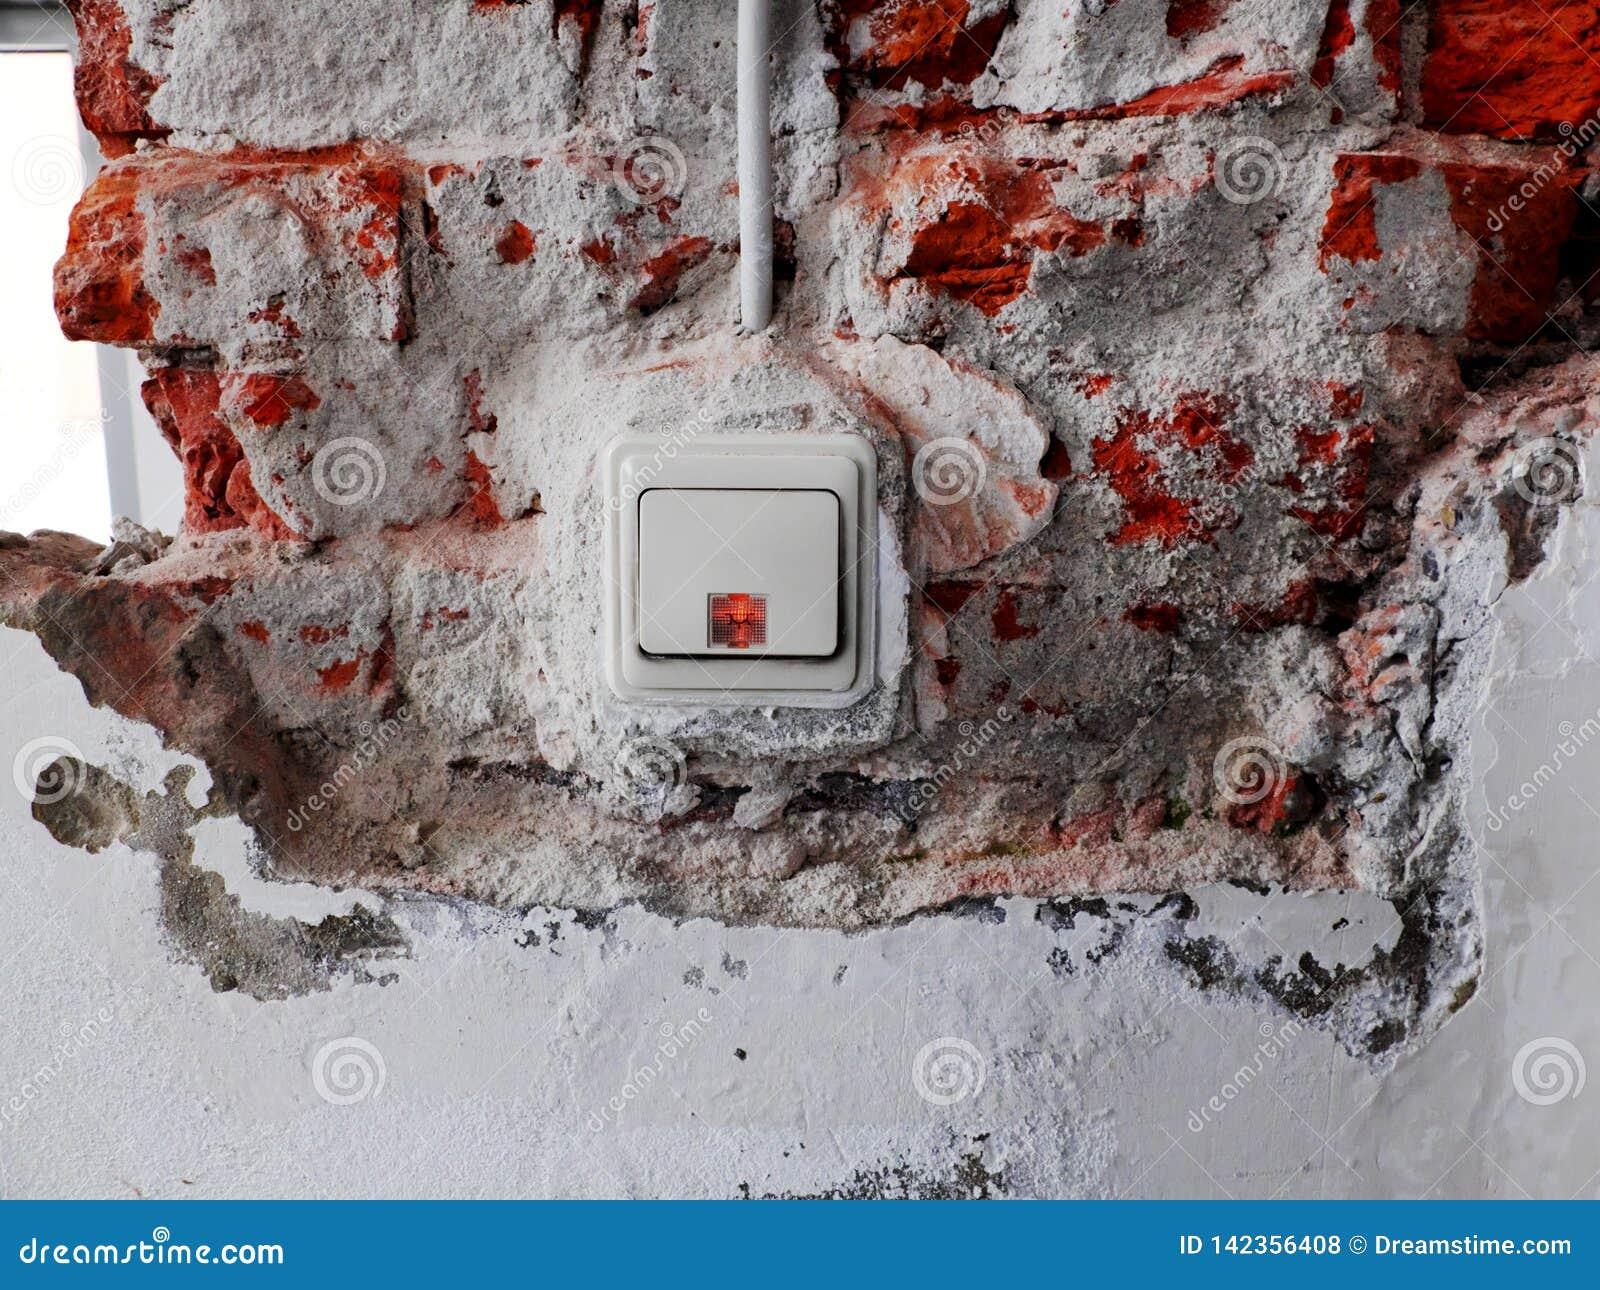 Interruptor da luz em uma parede com emplastro removido e os tijolos visíveis